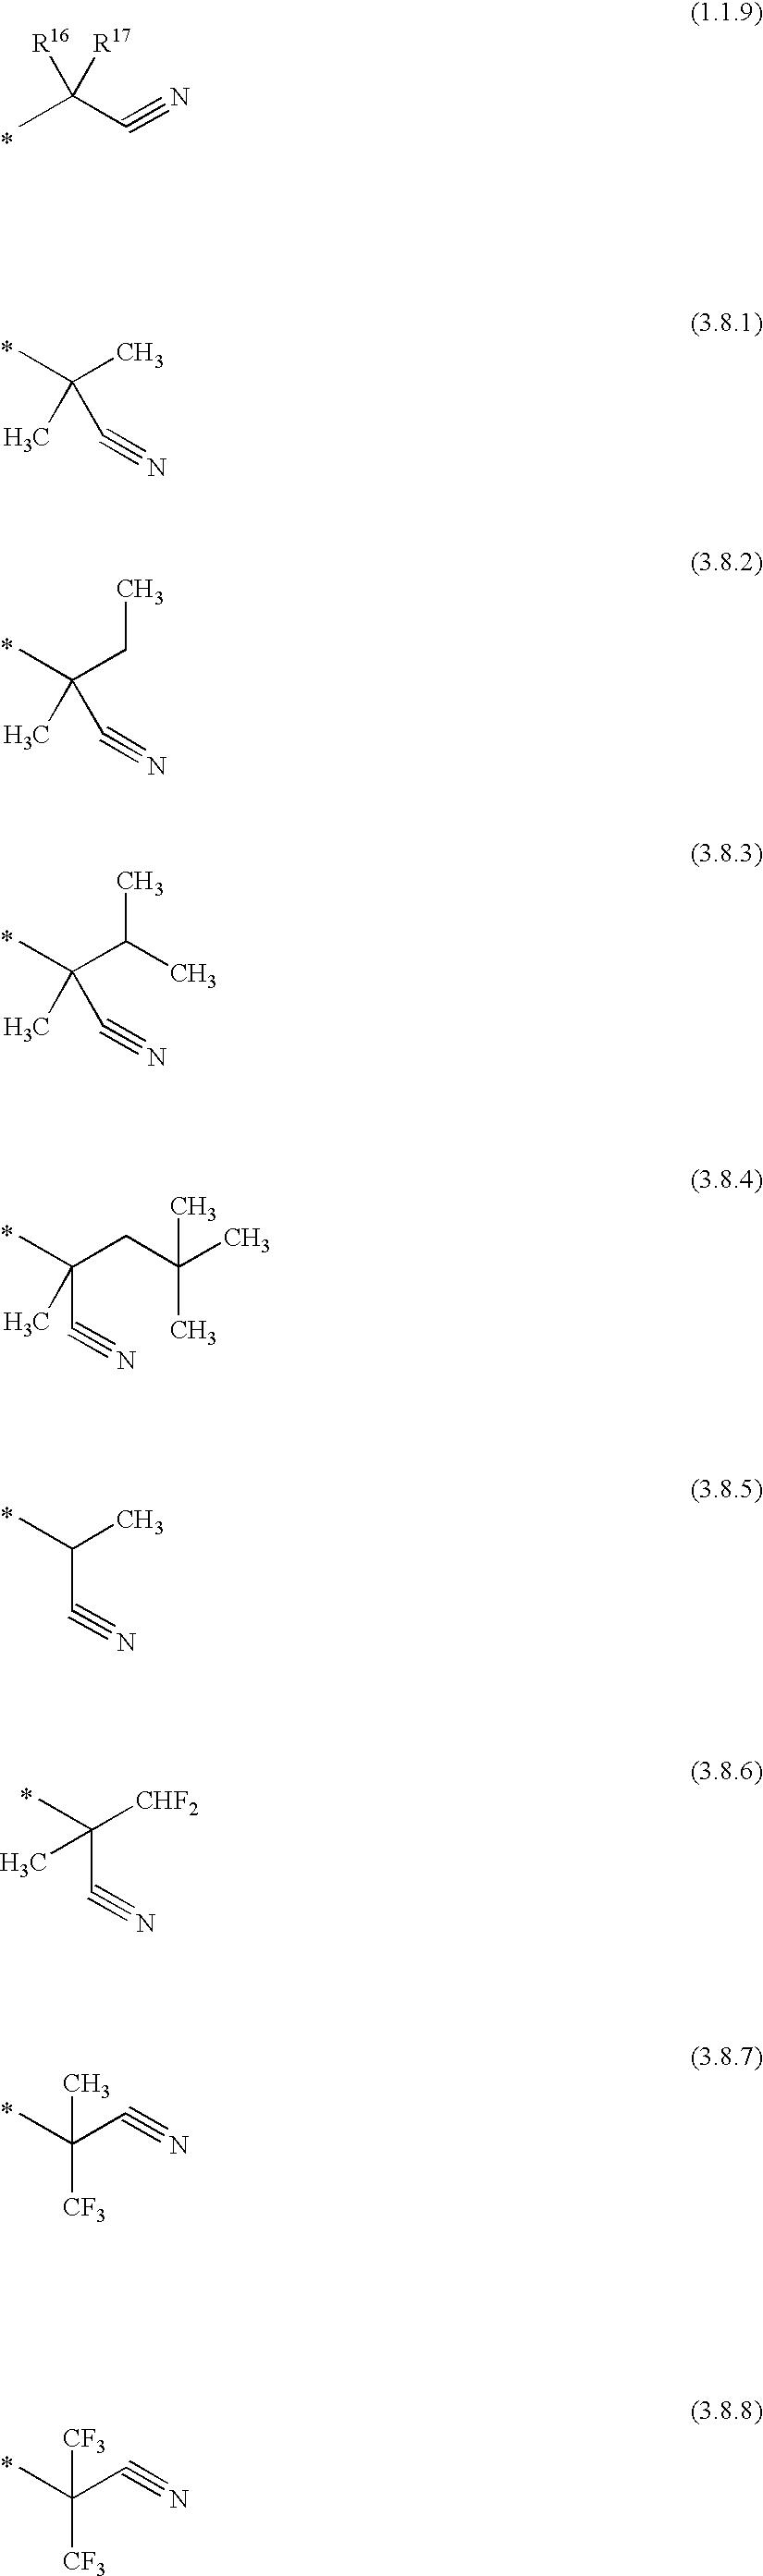 Figure US20030186974A1-20031002-C00179